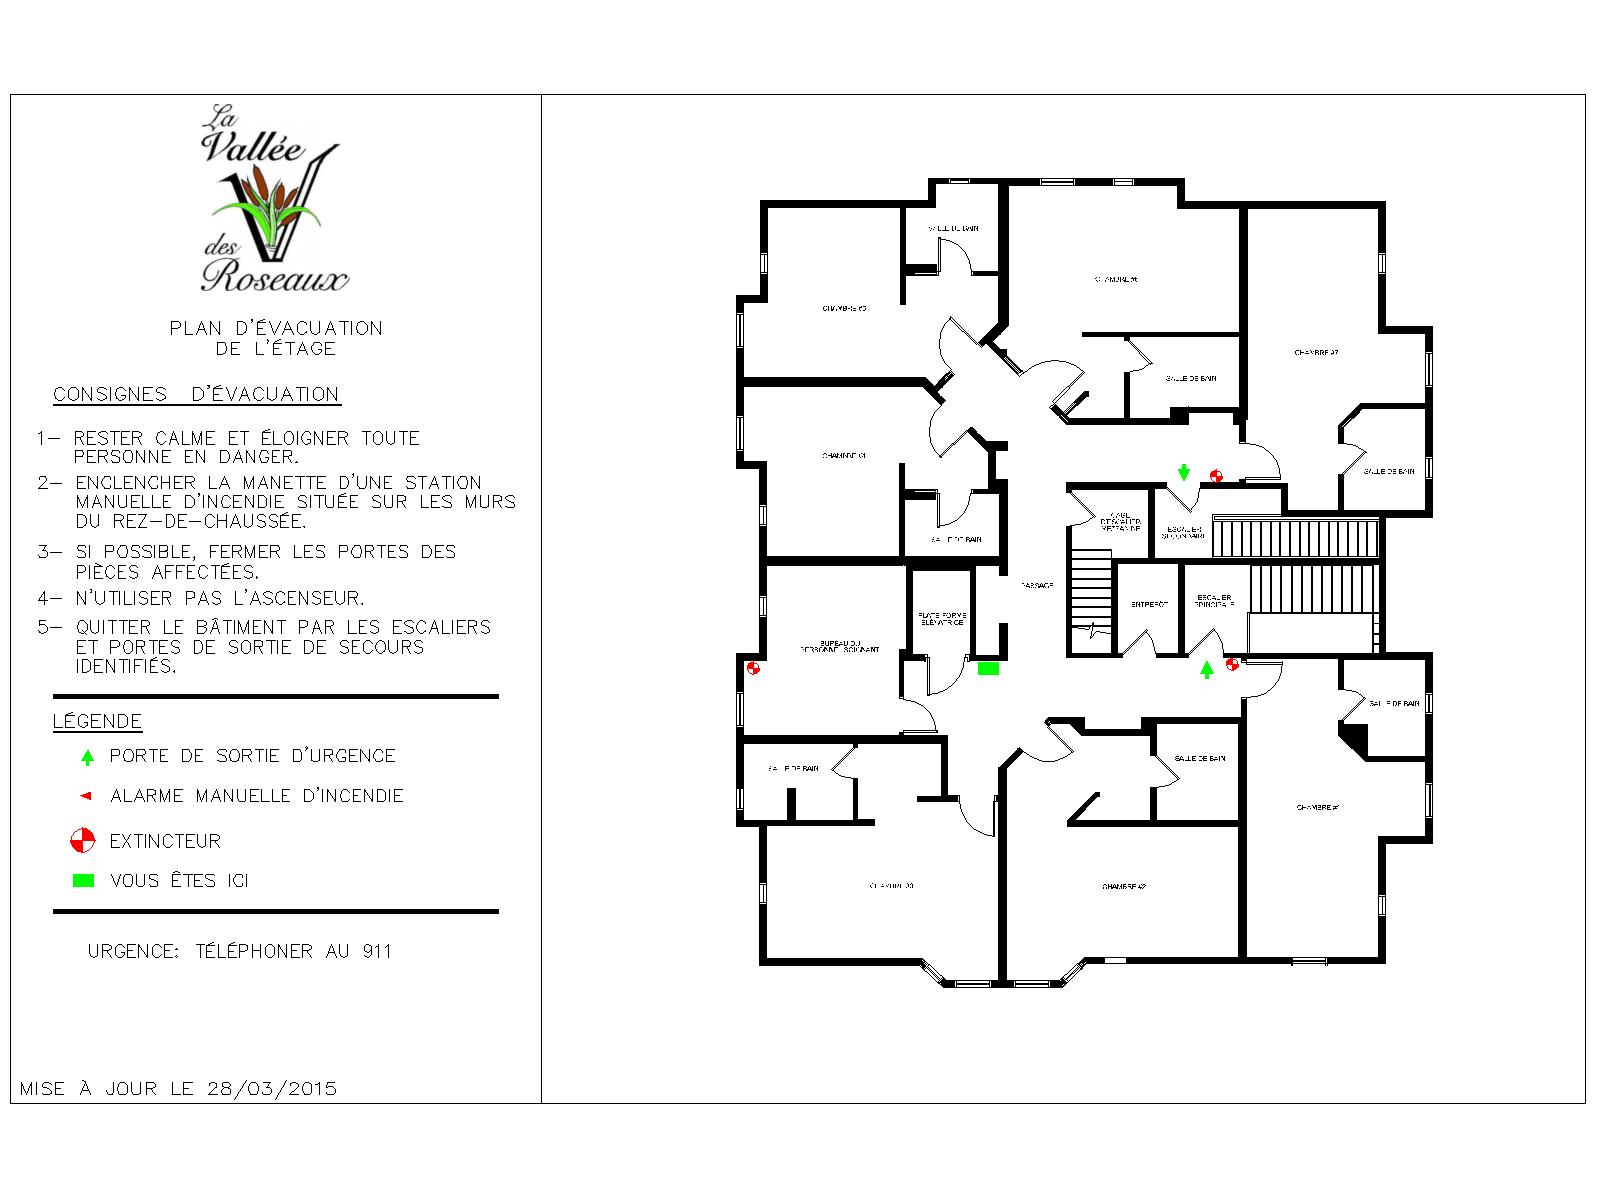 Plan d'évacuation Vallée des roseaux étage